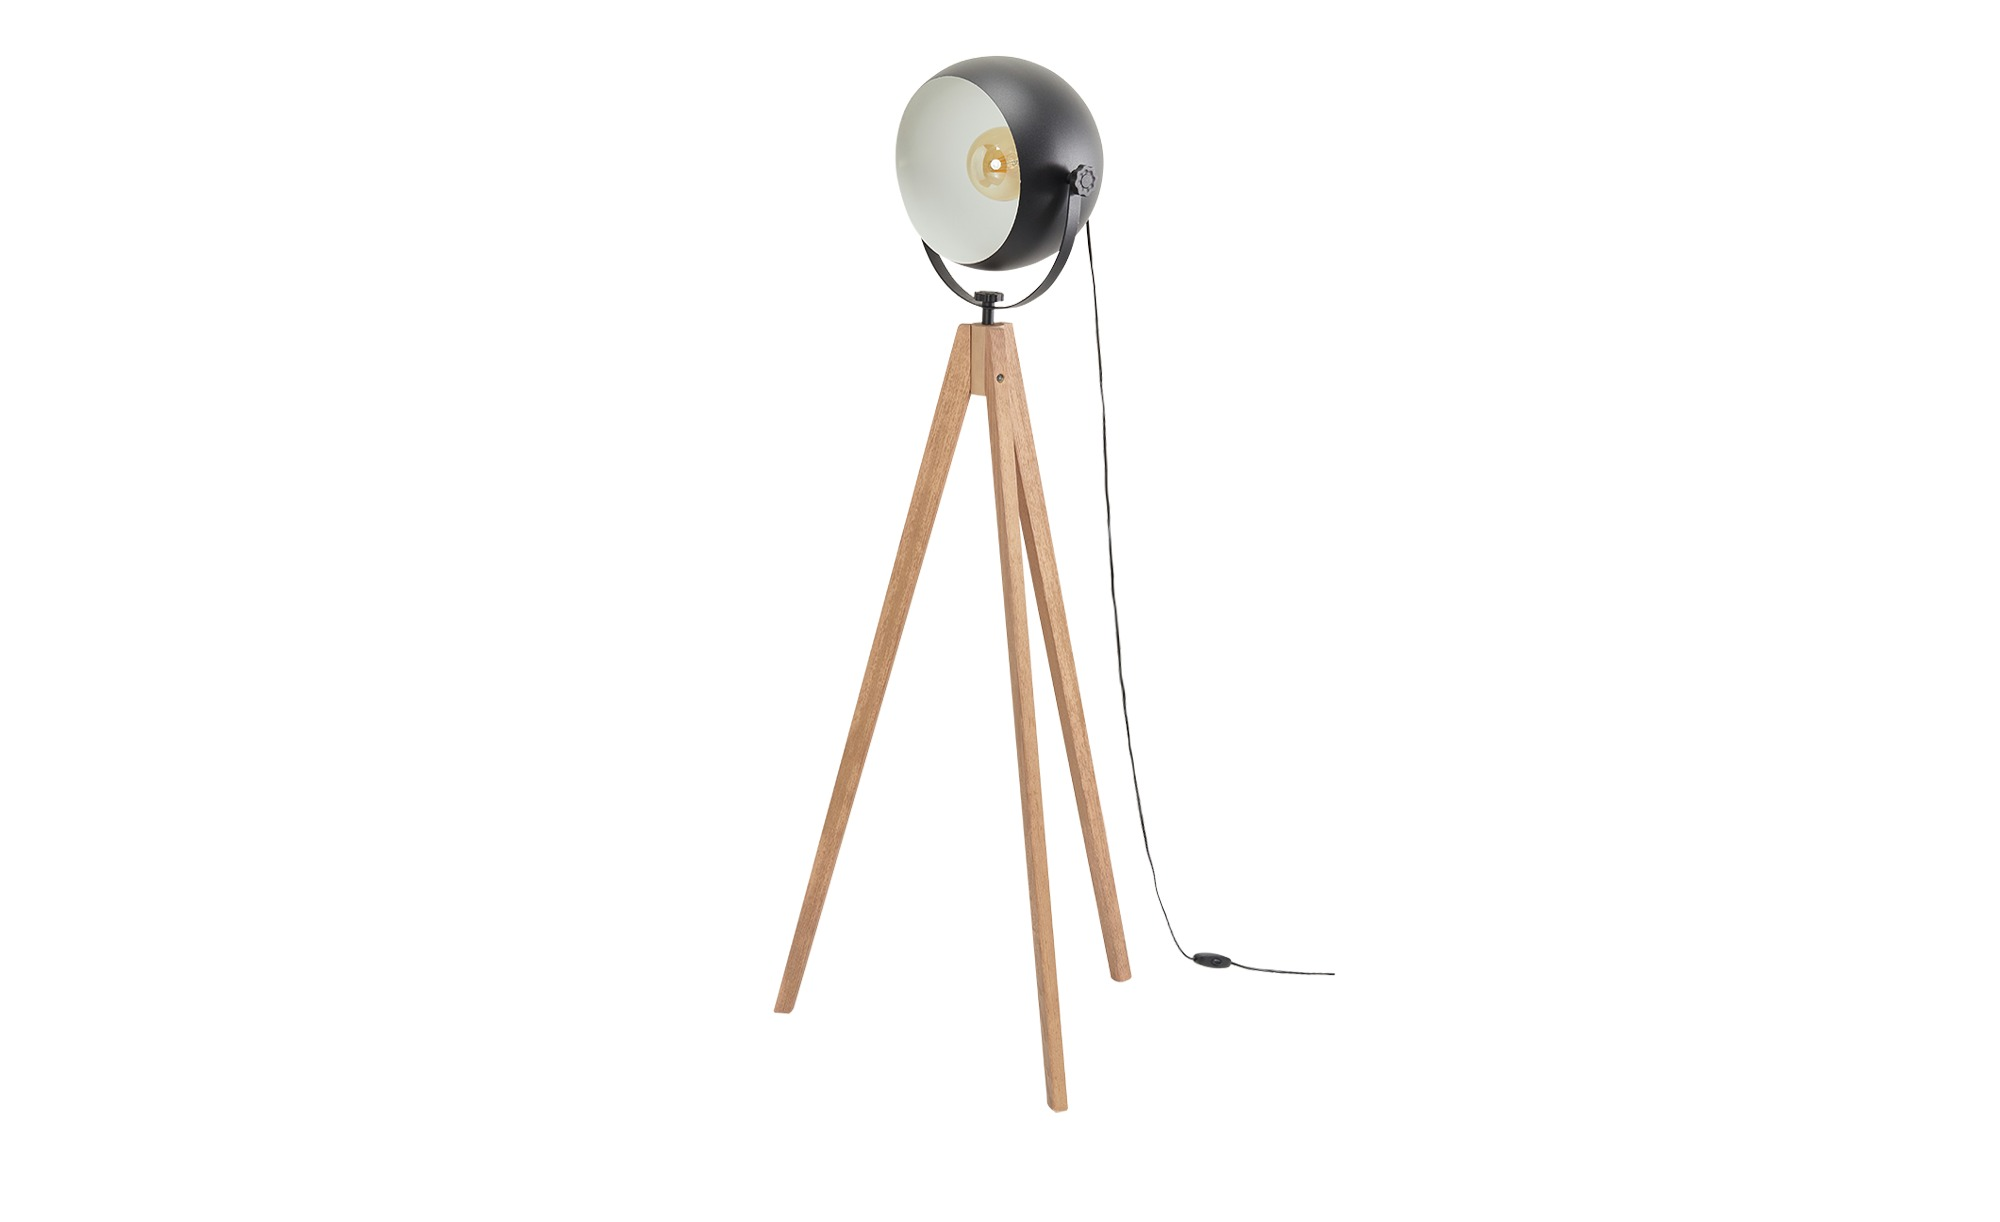 Stehleuchte, 1-flammig, Eiche/ Metall schwarz ¦ holzfarben ¦ Maße (cm): H: 130 Ø: 33 Lampen & Leuchten > Innenleuchten > Stehlampen - Höffner